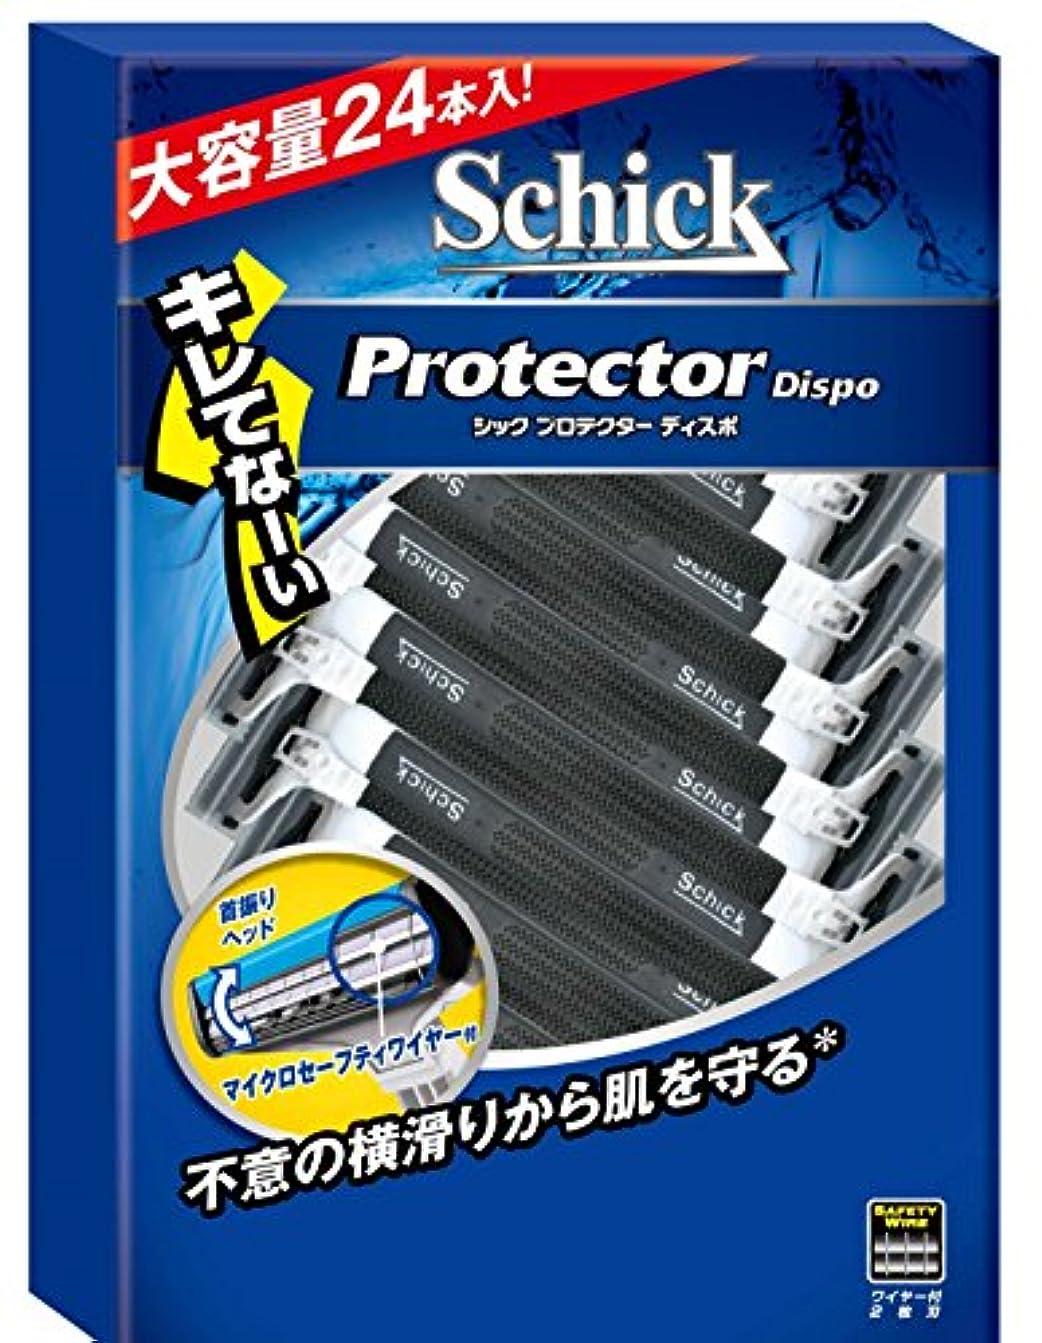 持参東ティモール役職大容量 シック schick プロテクターディスポ 使い捨て 単品 24本入